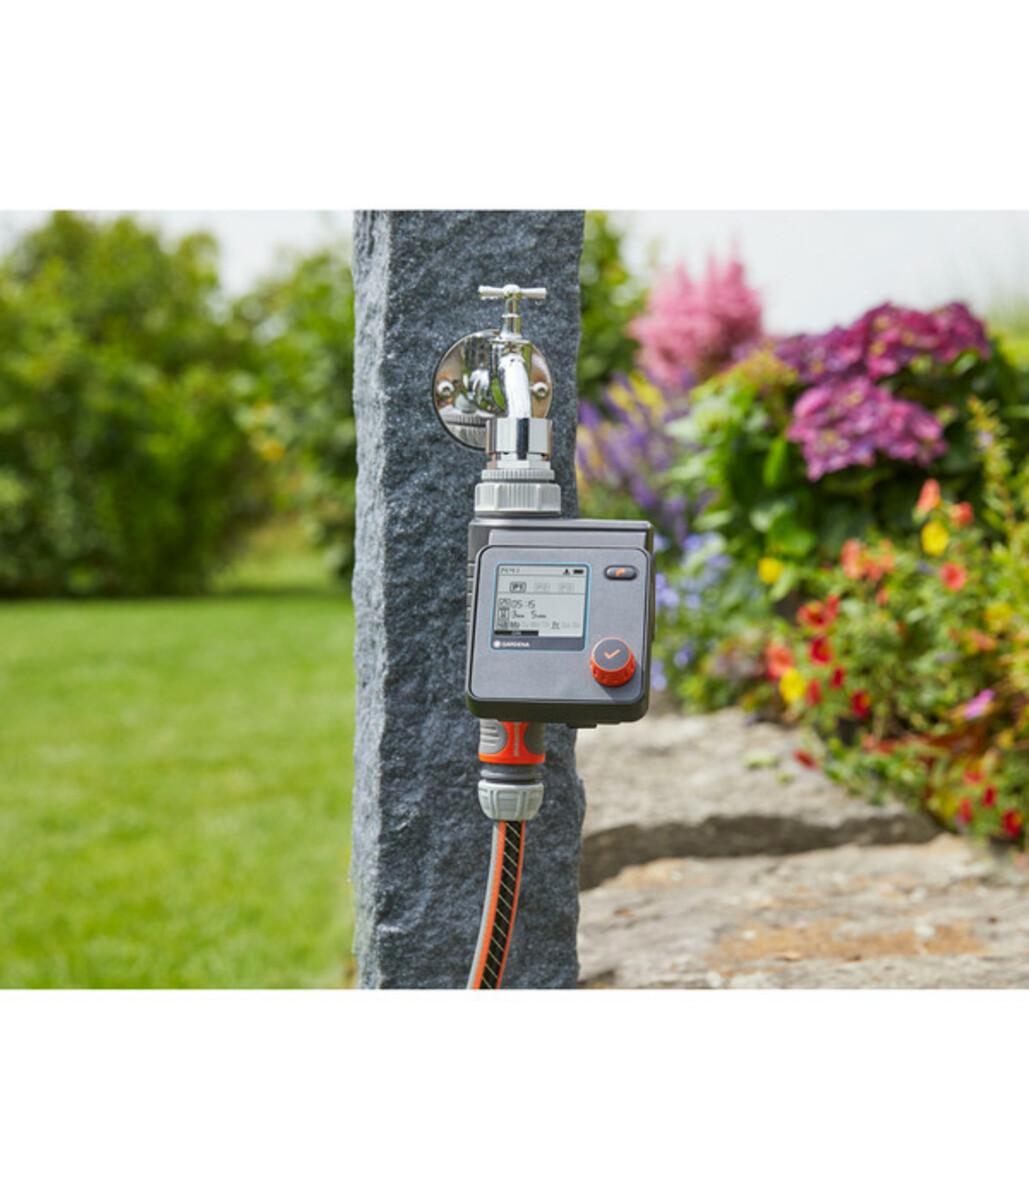 Bild 2 von GARDENA Bewässerungscomputer Select